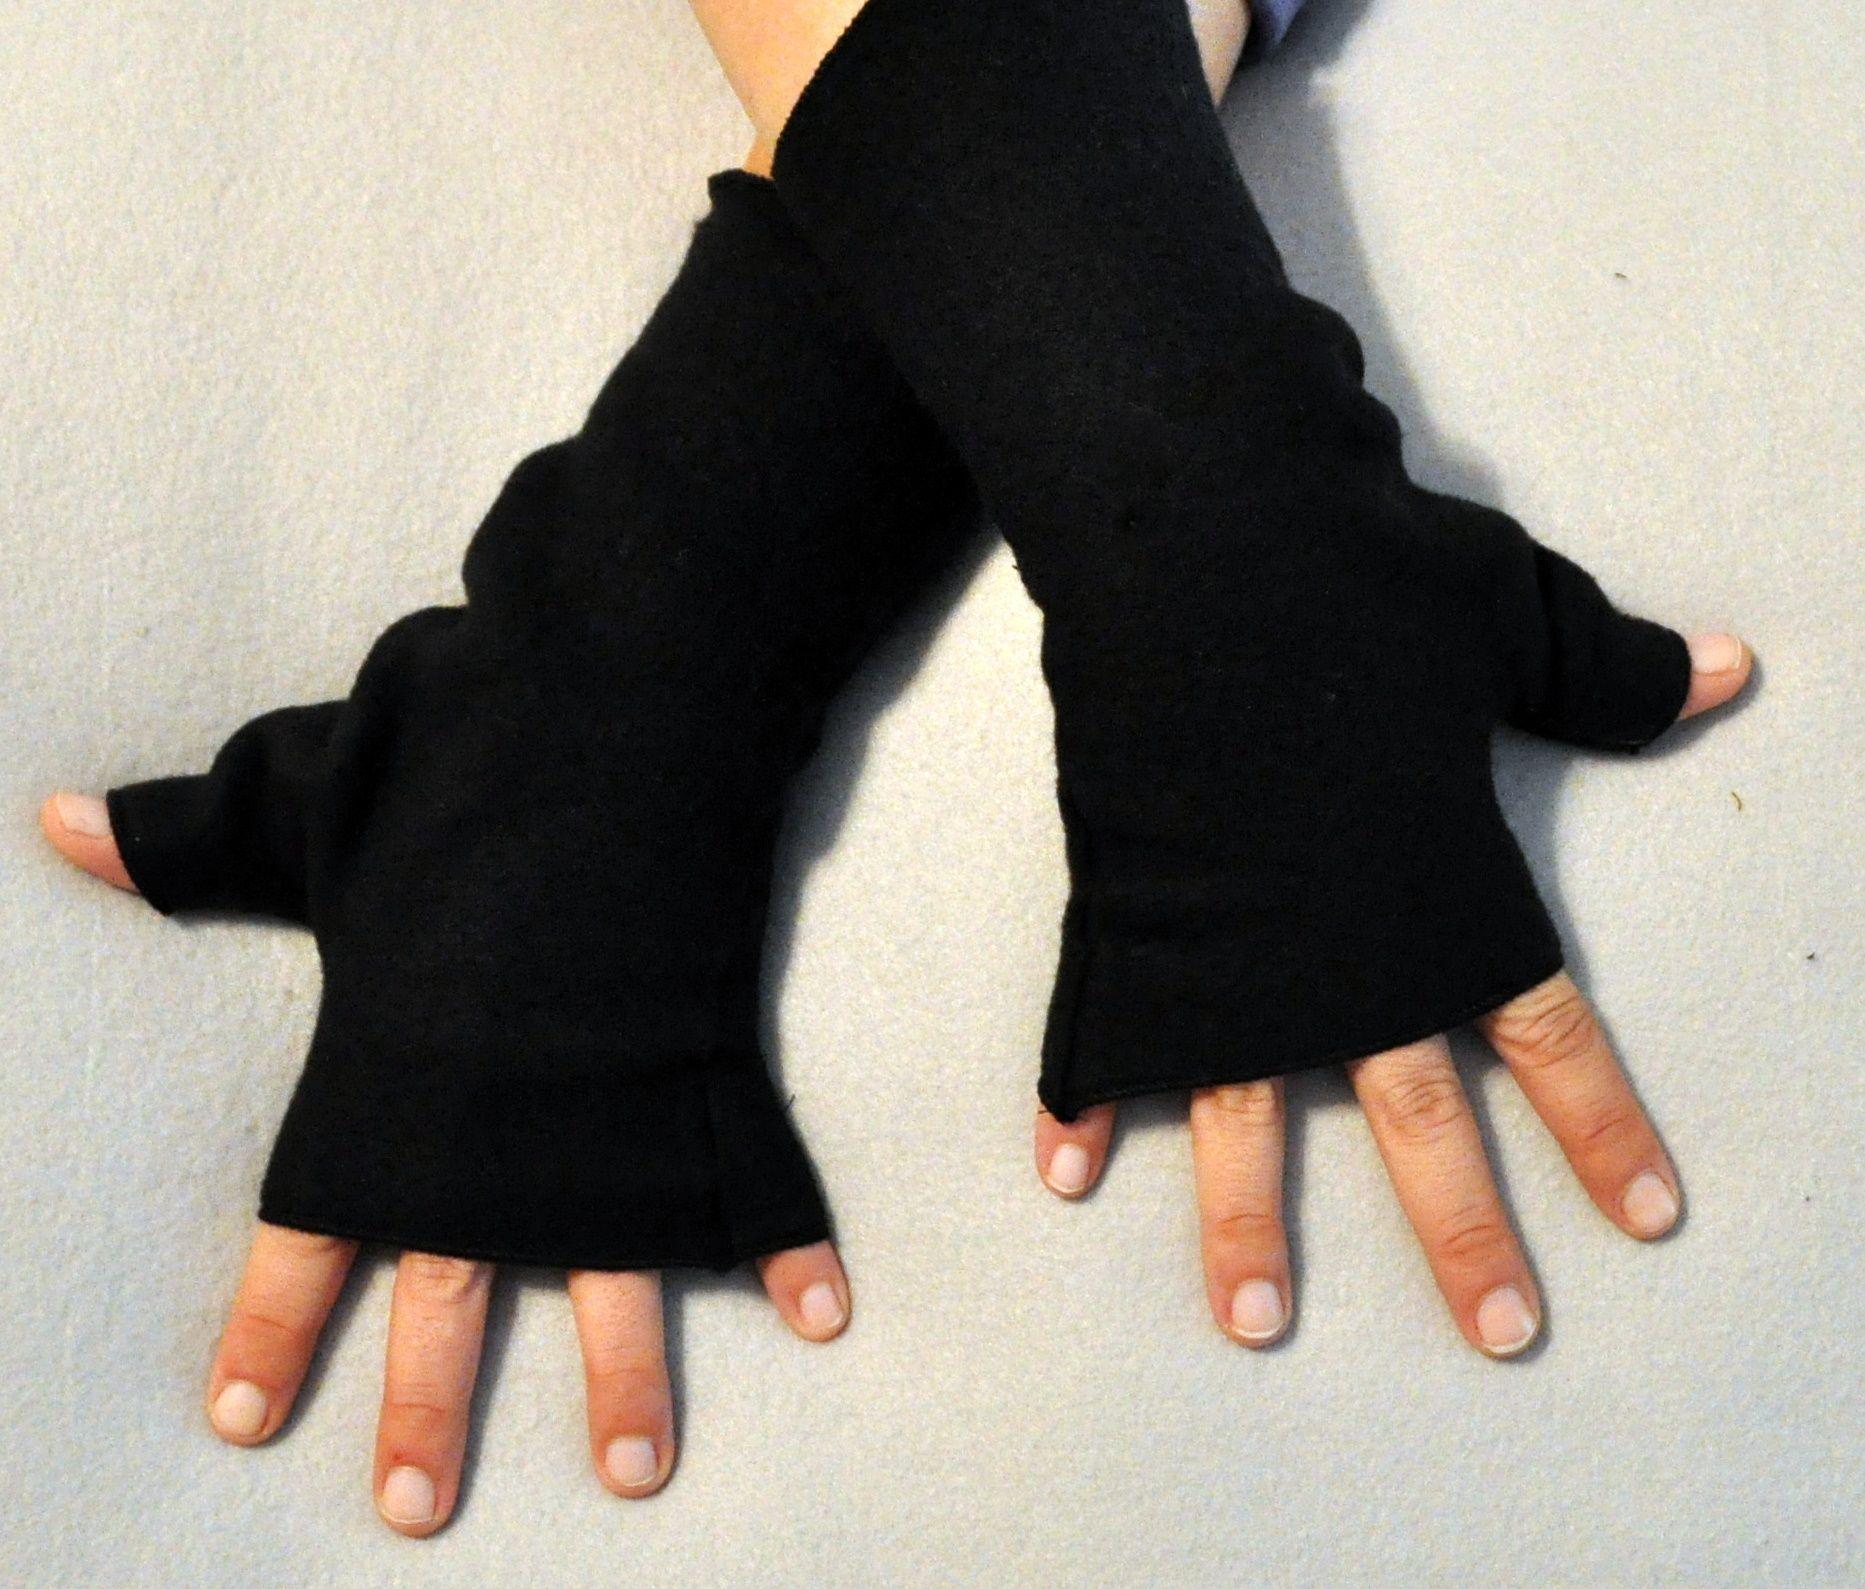 fingerless gloves - Bing Images